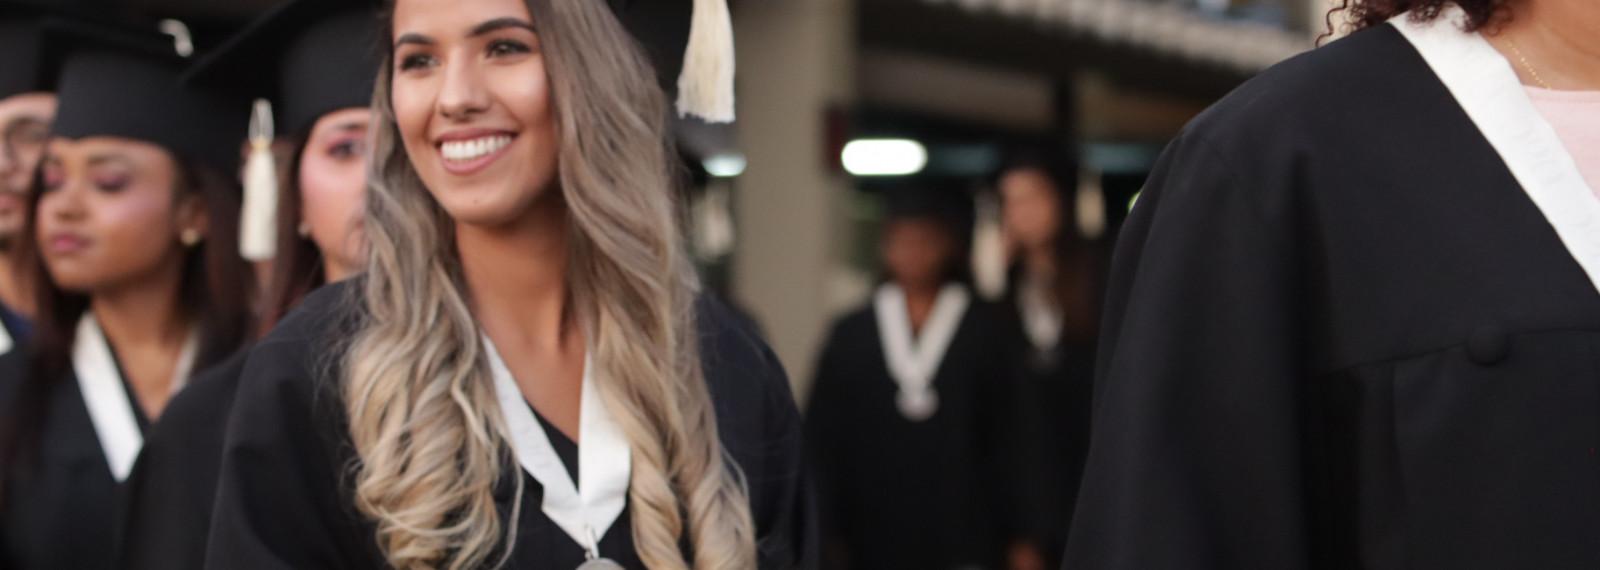 A successful graduation ceremony